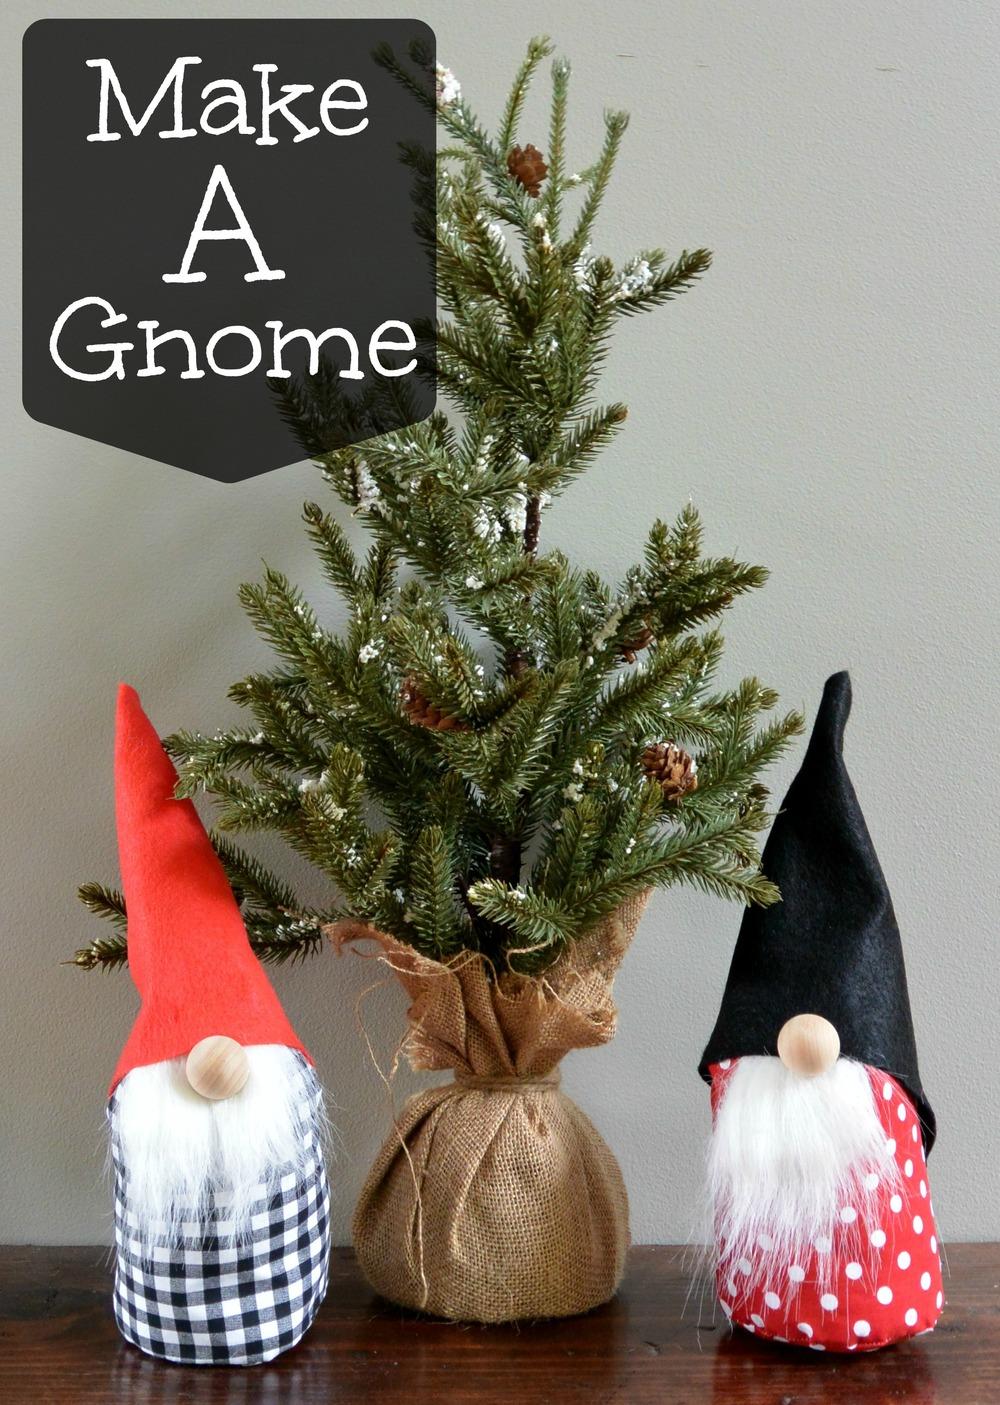 Make a Gnome